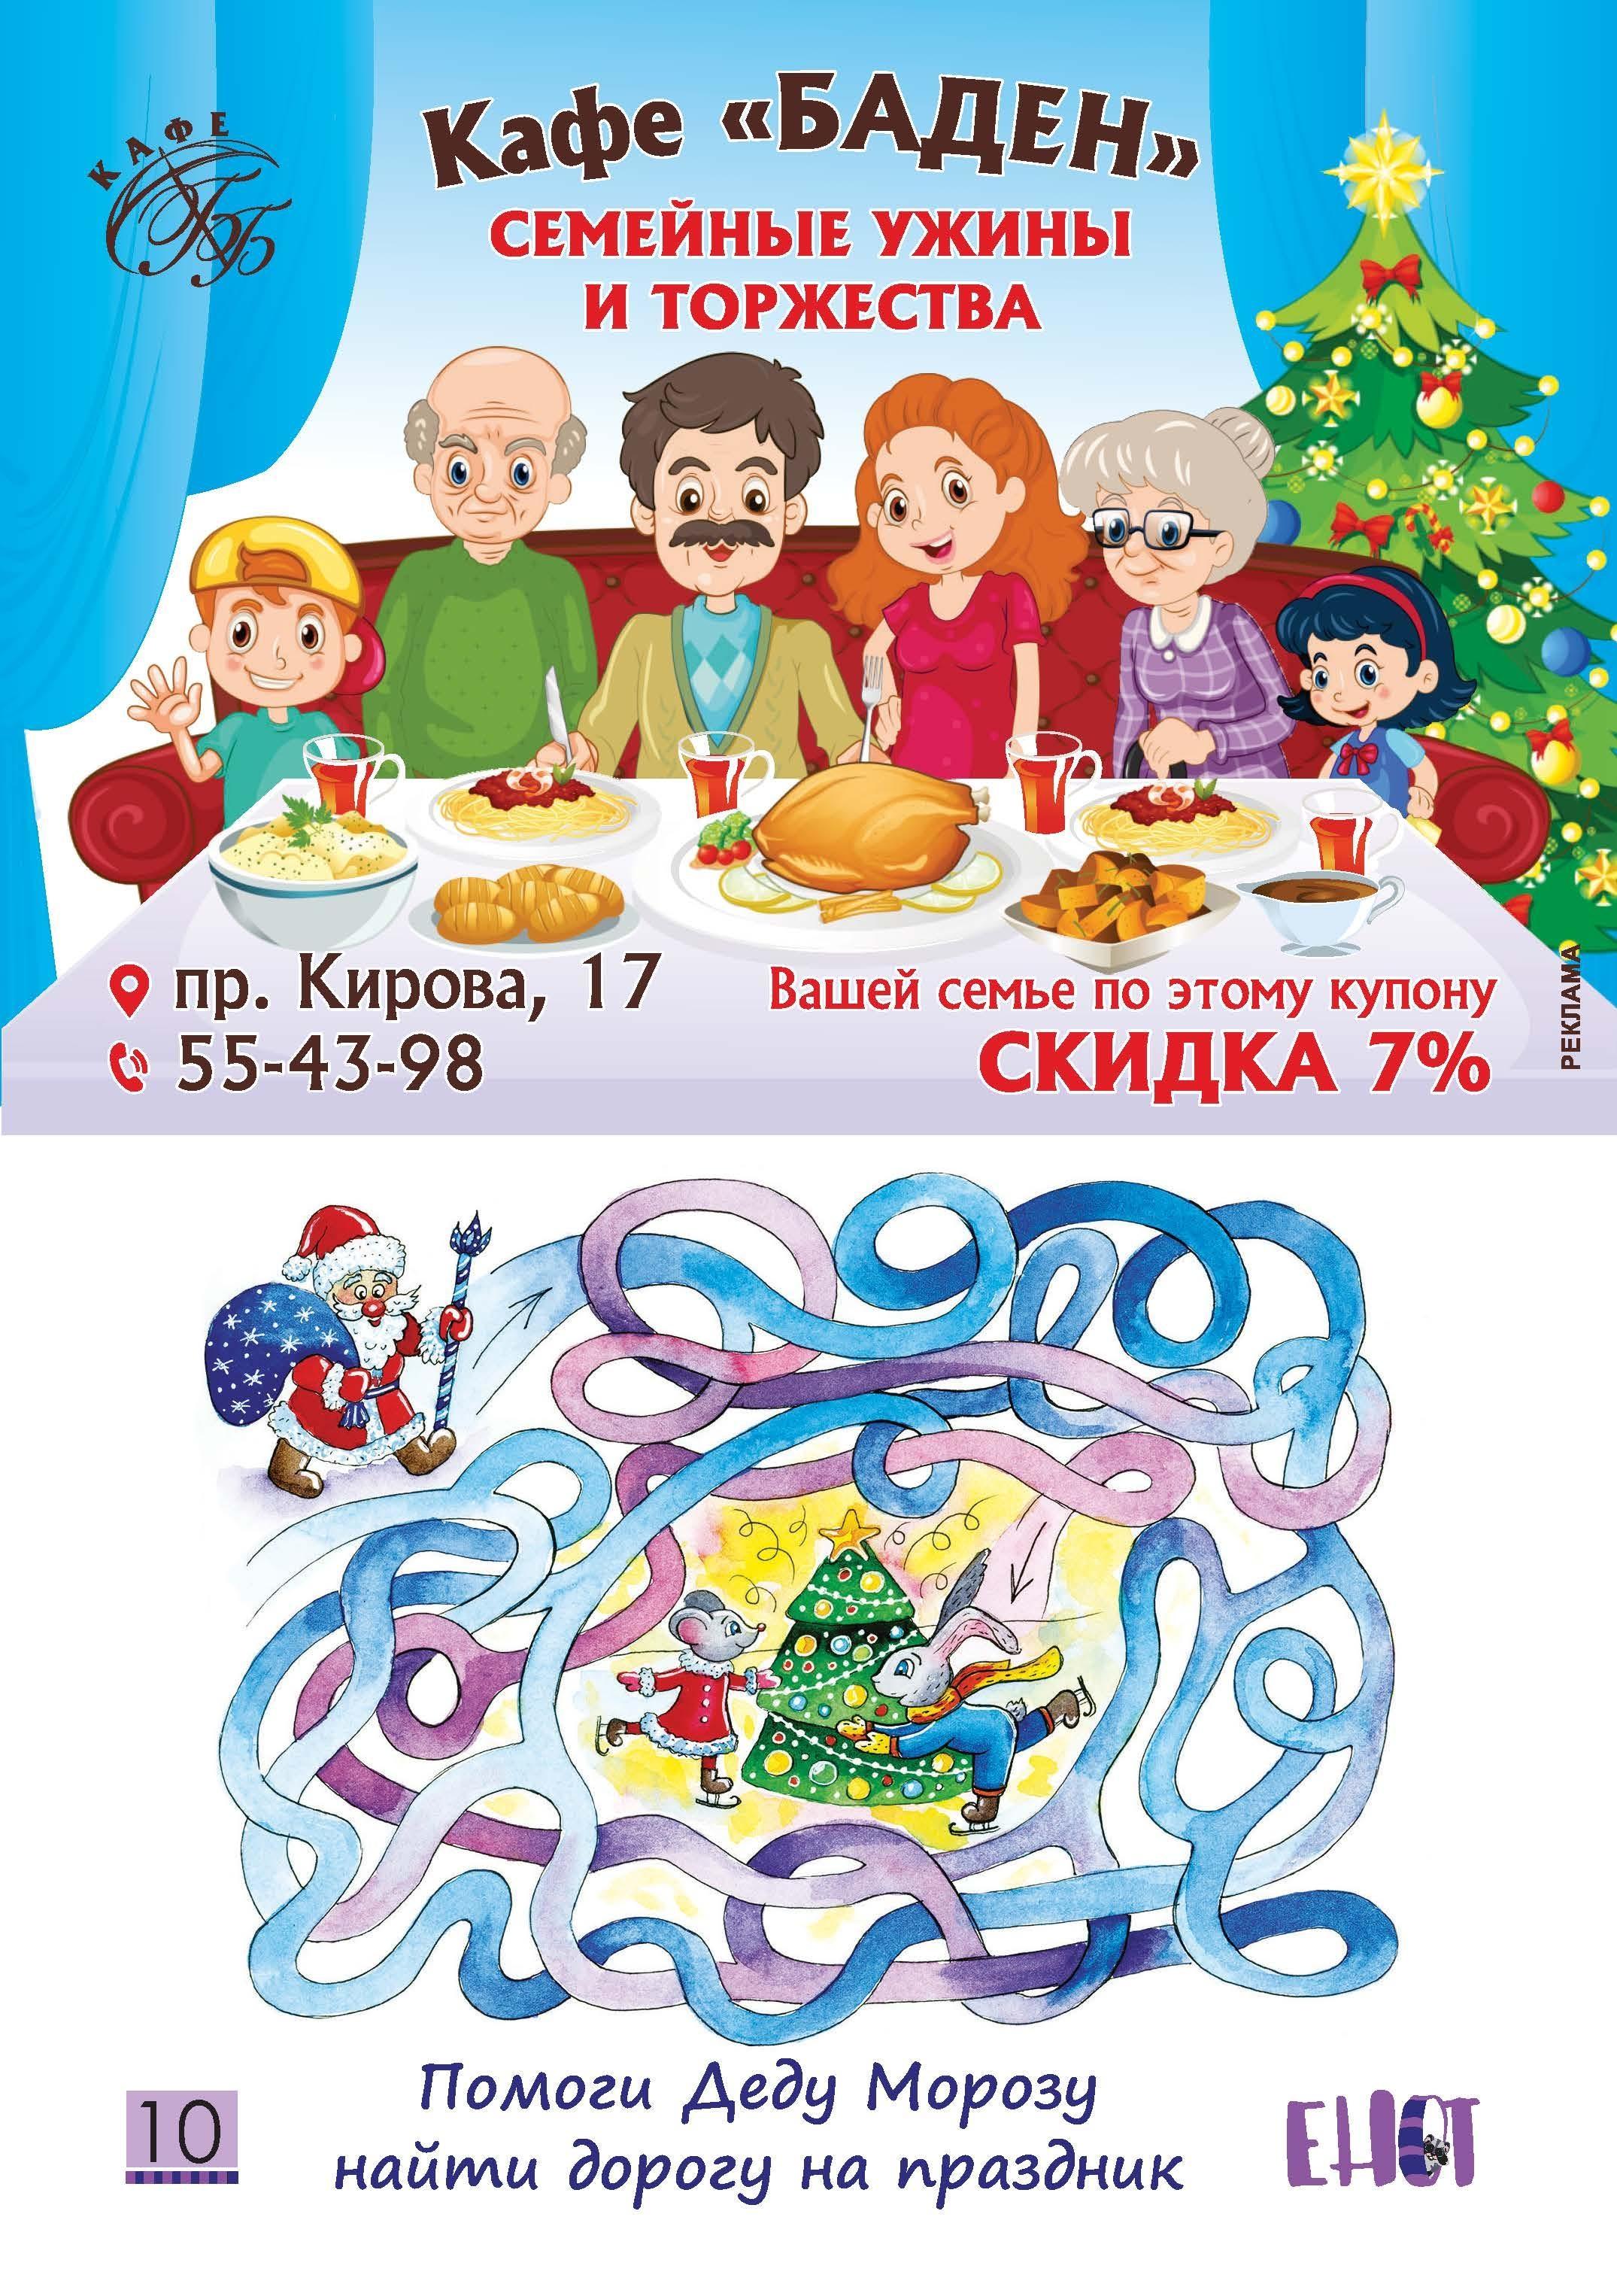 Детский журнал Енот - 2019.12 Страница 10